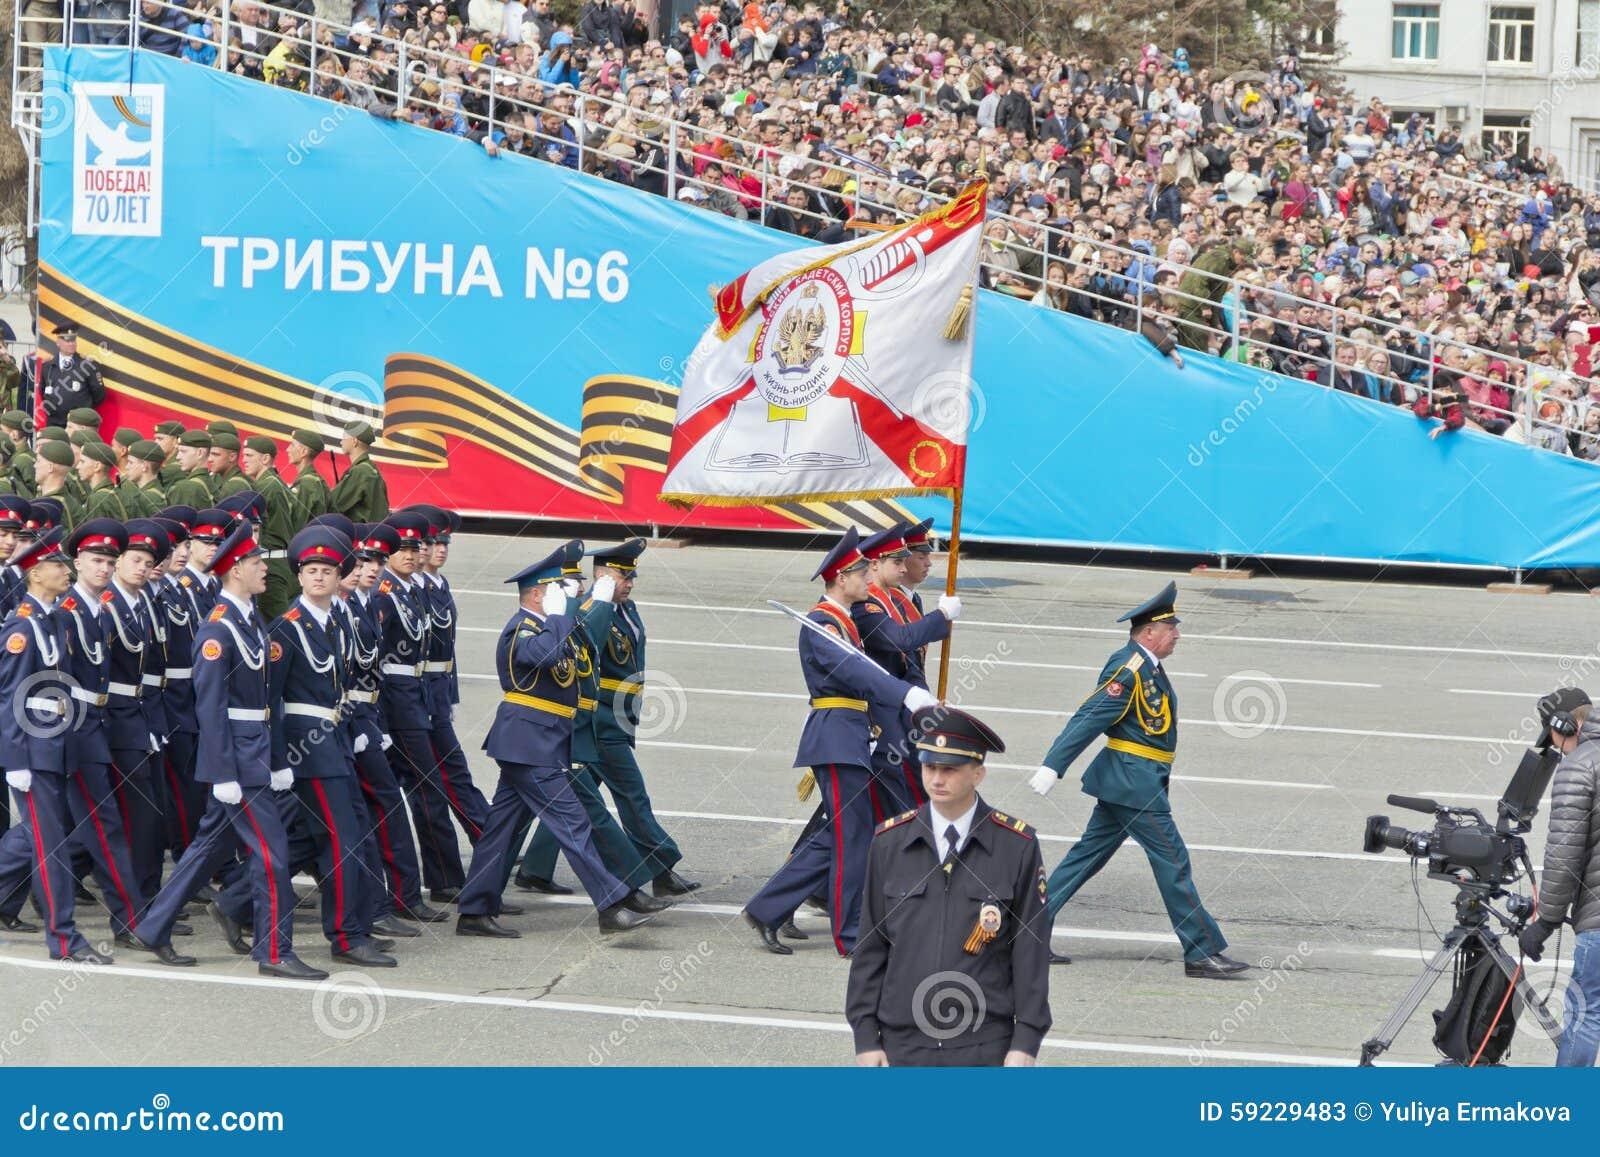 Download Los Soldados Rusos Marchan En El Desfile En Victory Day Anual Foto de archivo editorial - Imagen de concesión, arma: 59229483